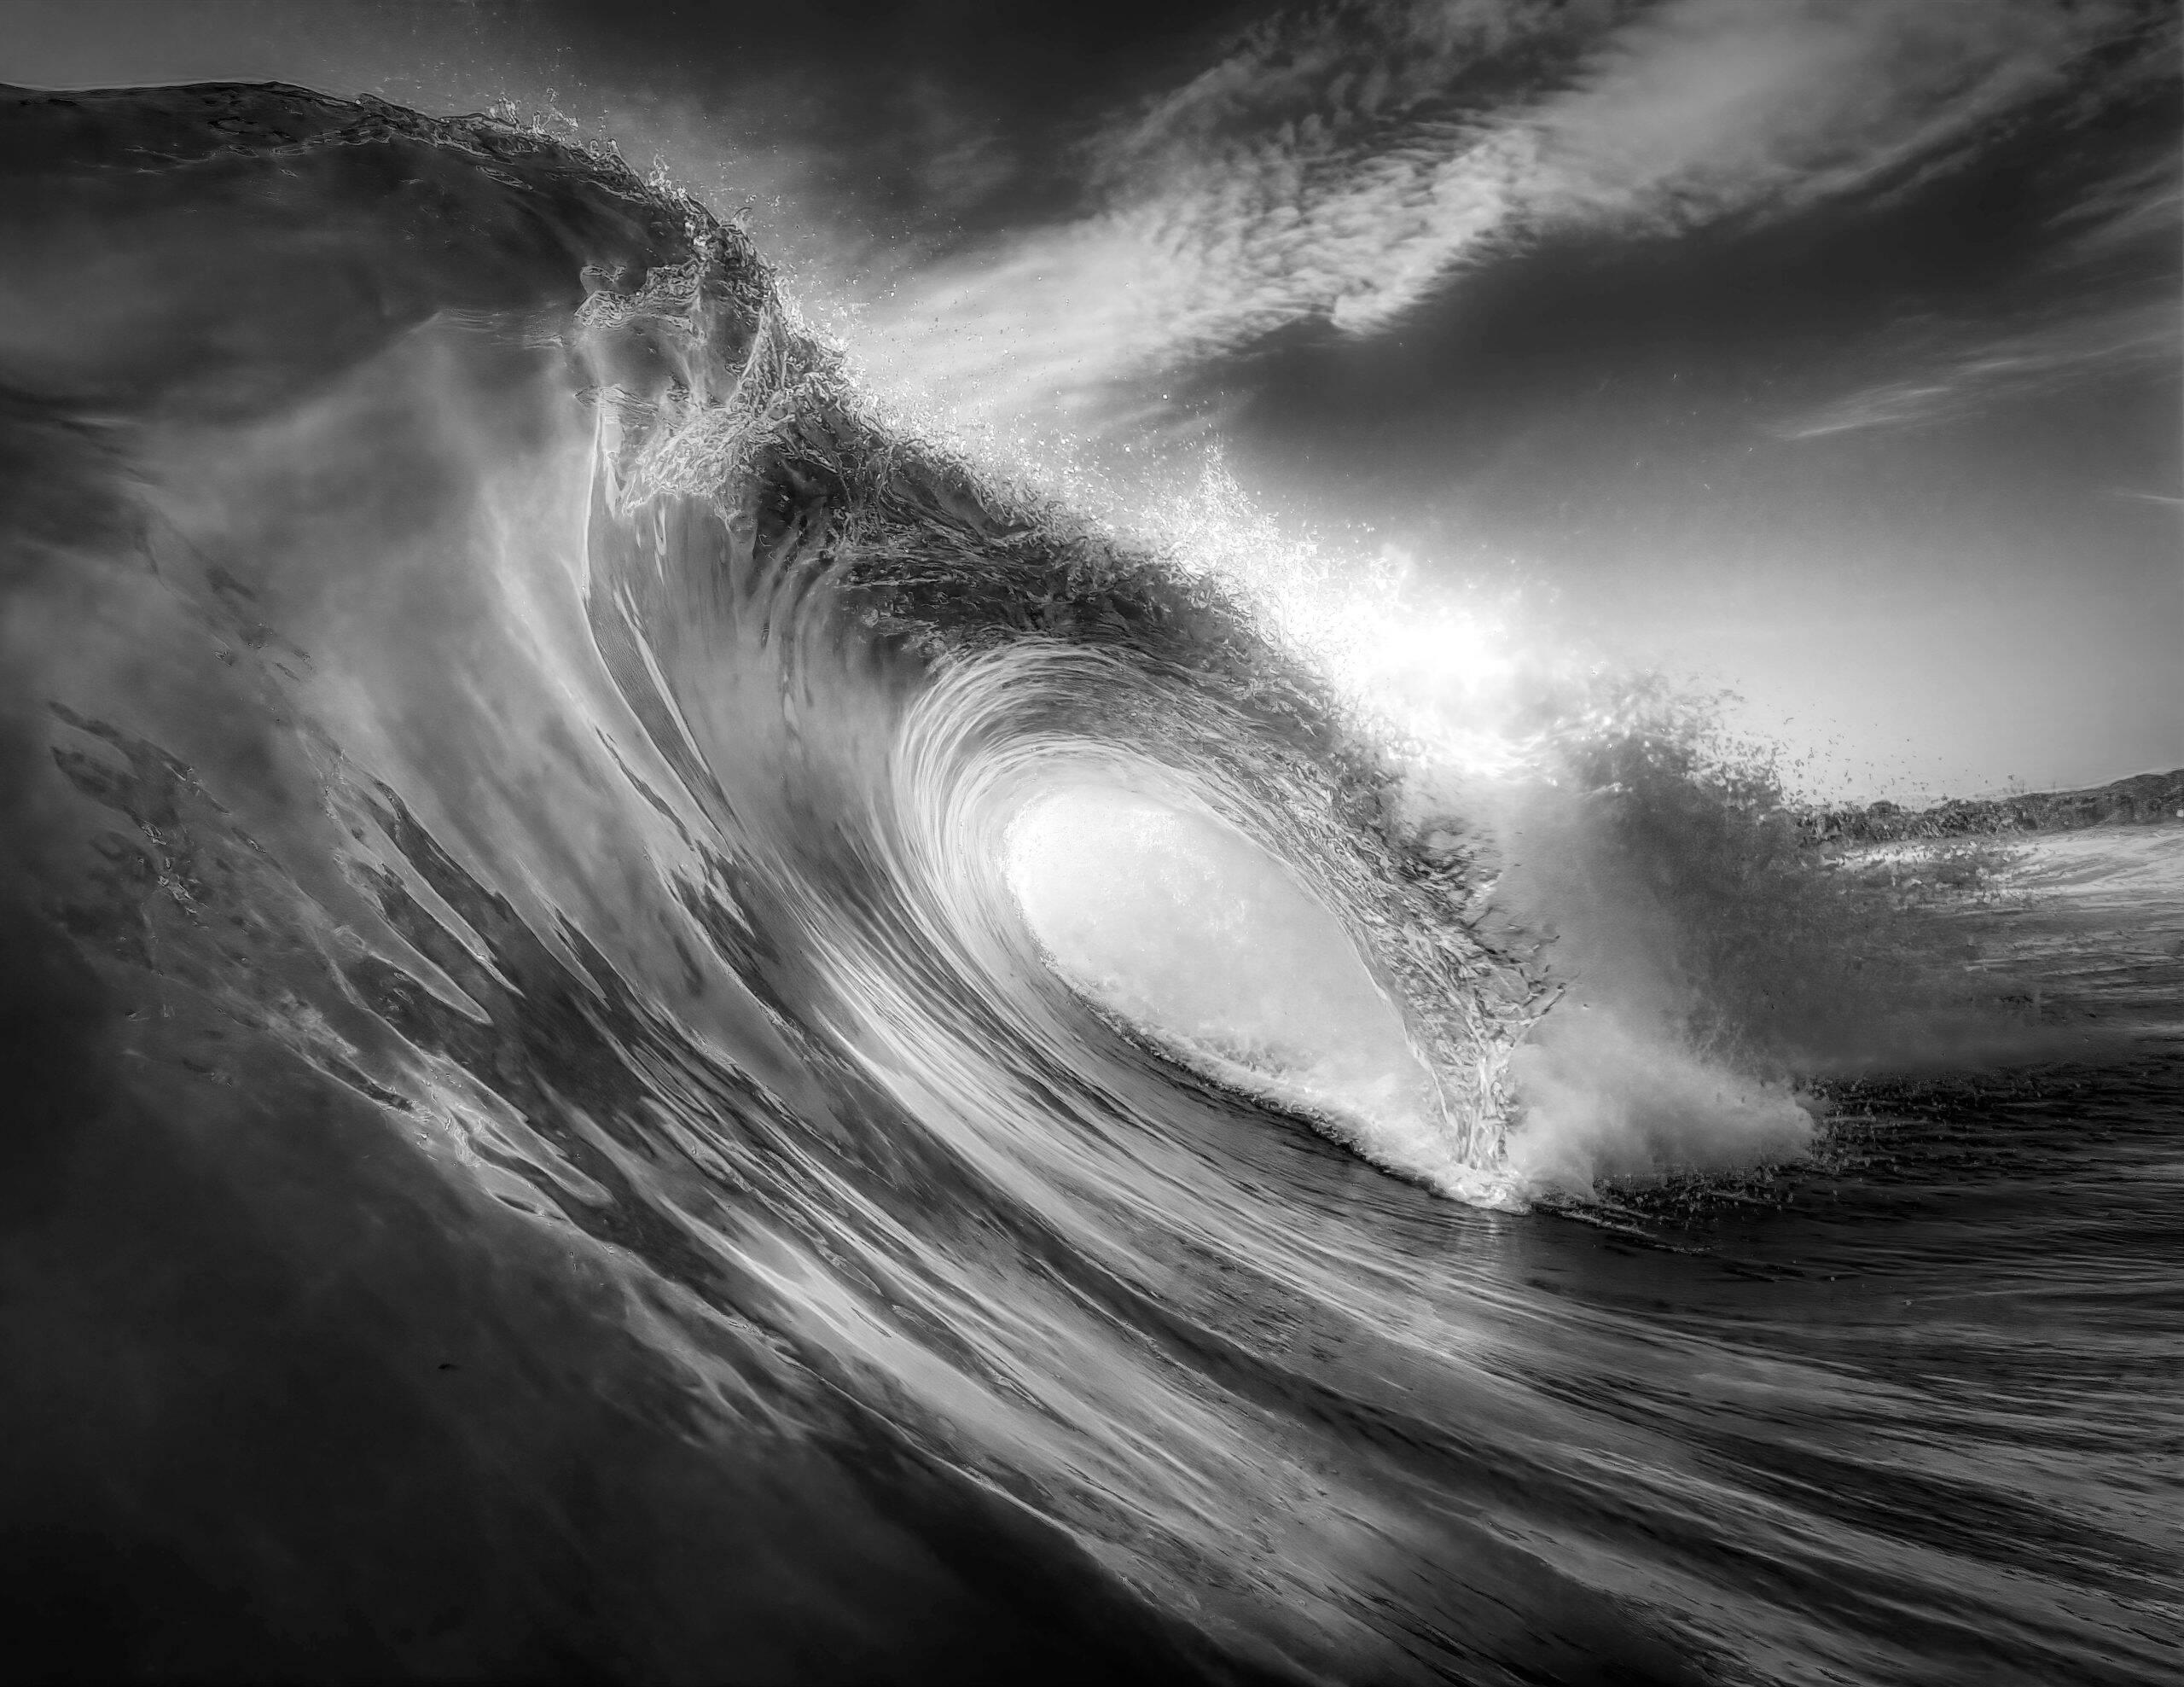 A tragédia começou com um terremoto de magnitude 7.5 e logo ondas gigantes foram ocasionadas. (Foto: Unsplash)